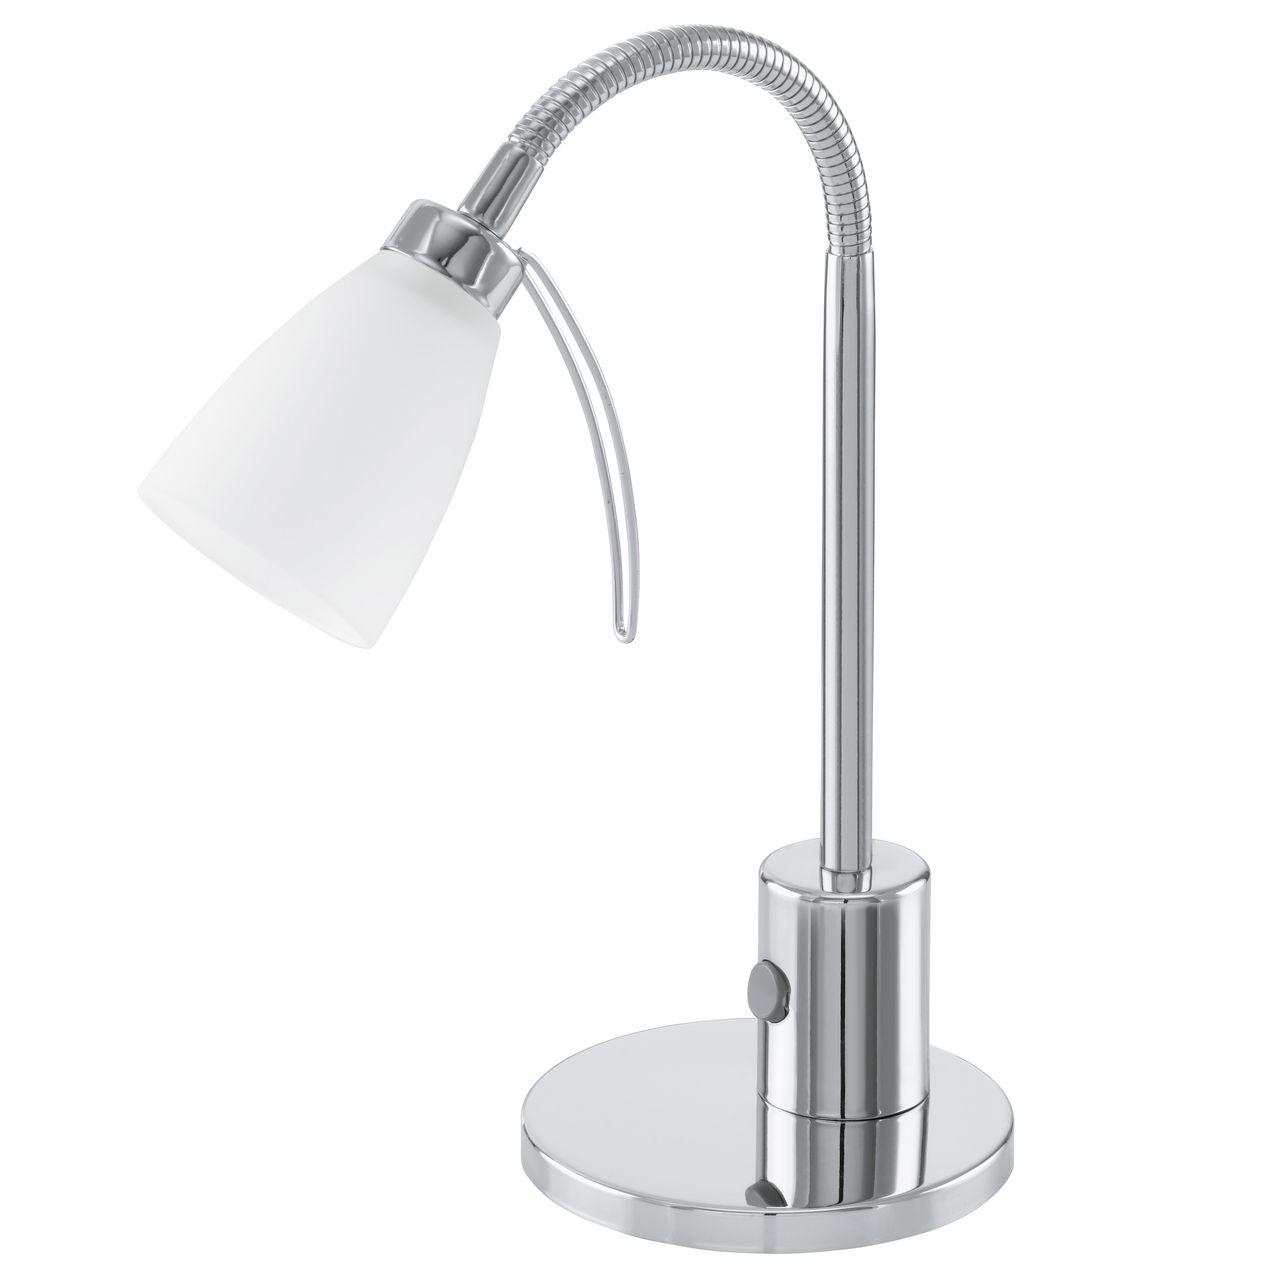 Настольная лампа Eglo Cariba 1 91465 eglo настольная лампа eglo trungle 49624